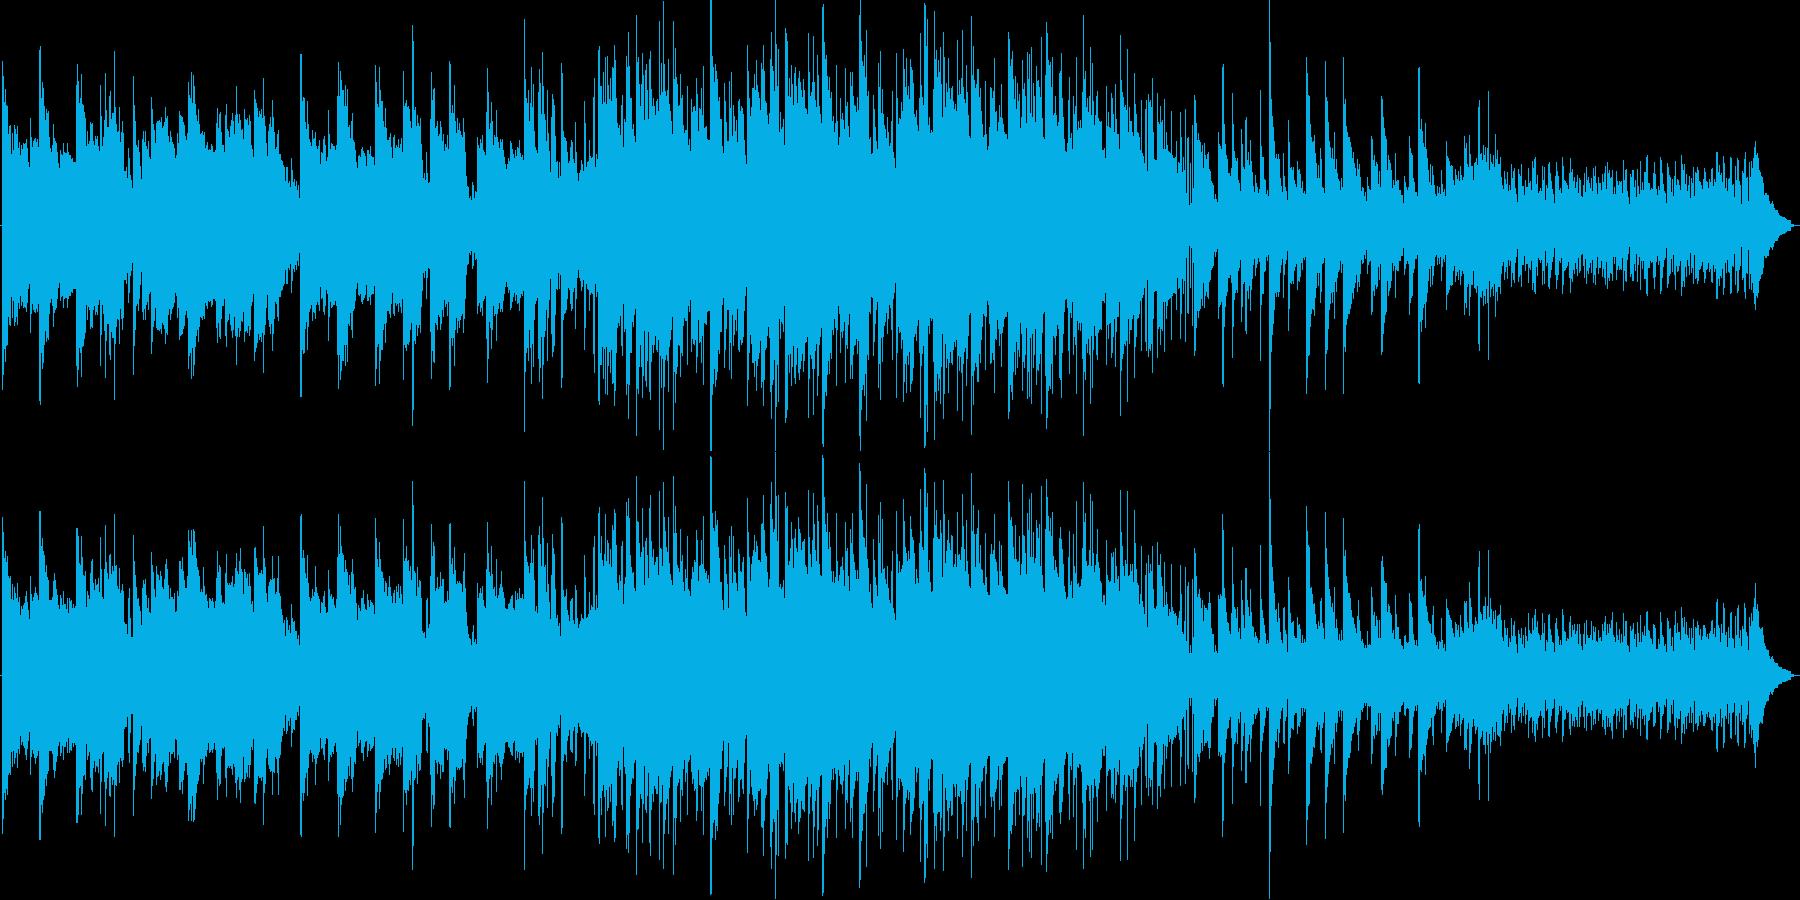 素朴なイメージのBGMの再生済みの波形